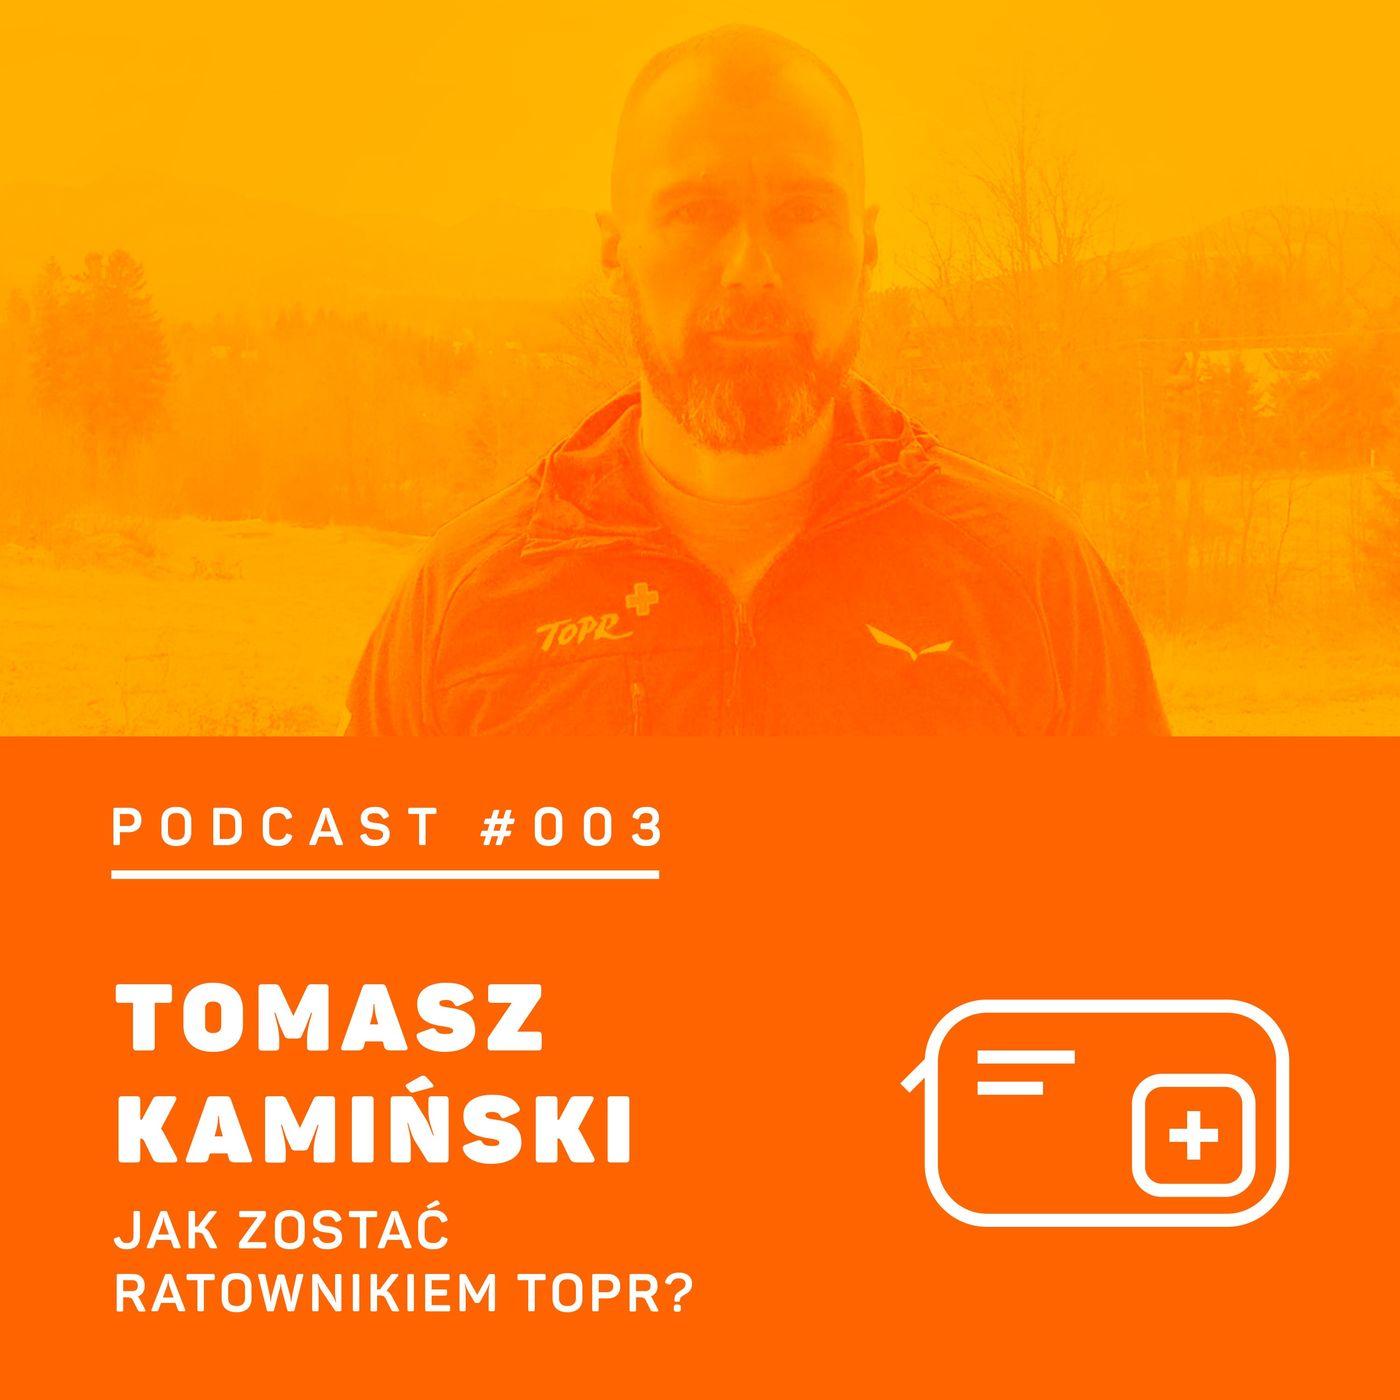 #003 8a.pl - Tomasz Kamiński. Jak zostać ratownikiem TOPR?